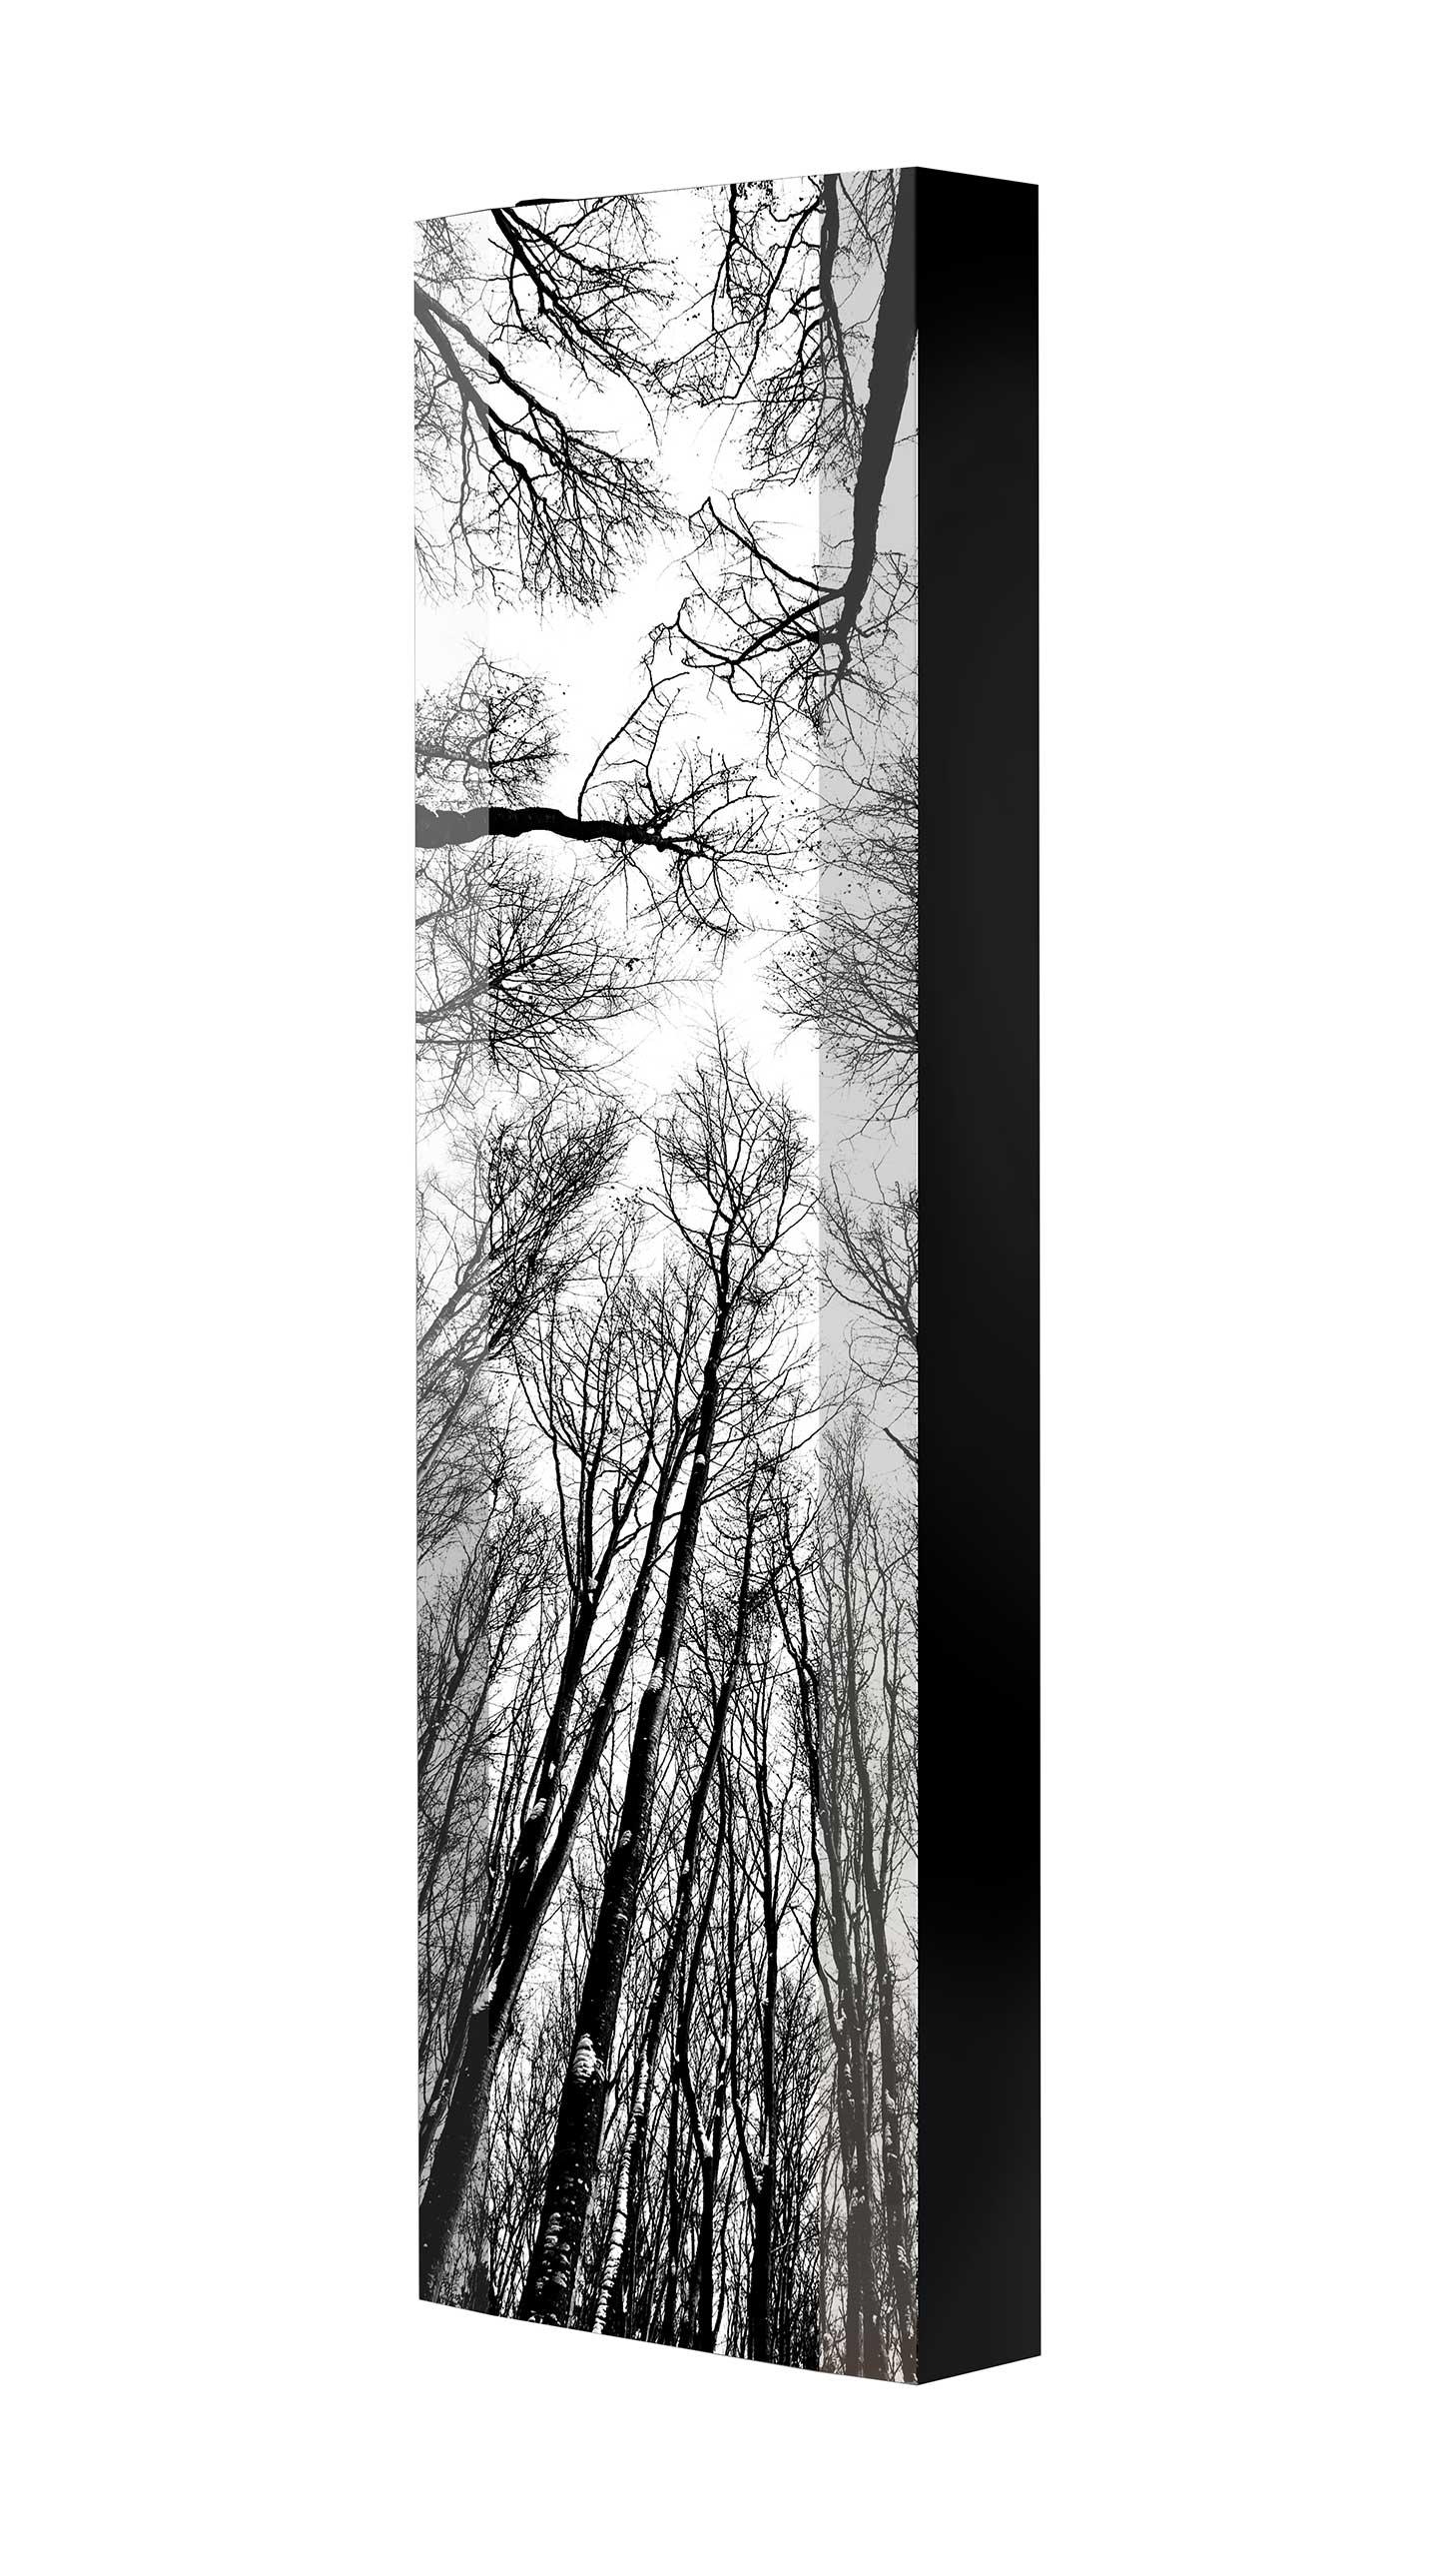 Schuhschrank FLASH 450 BLACK-EDITION Motivschrank schwarz drehbar M11 Wald Schwarz-Weiß